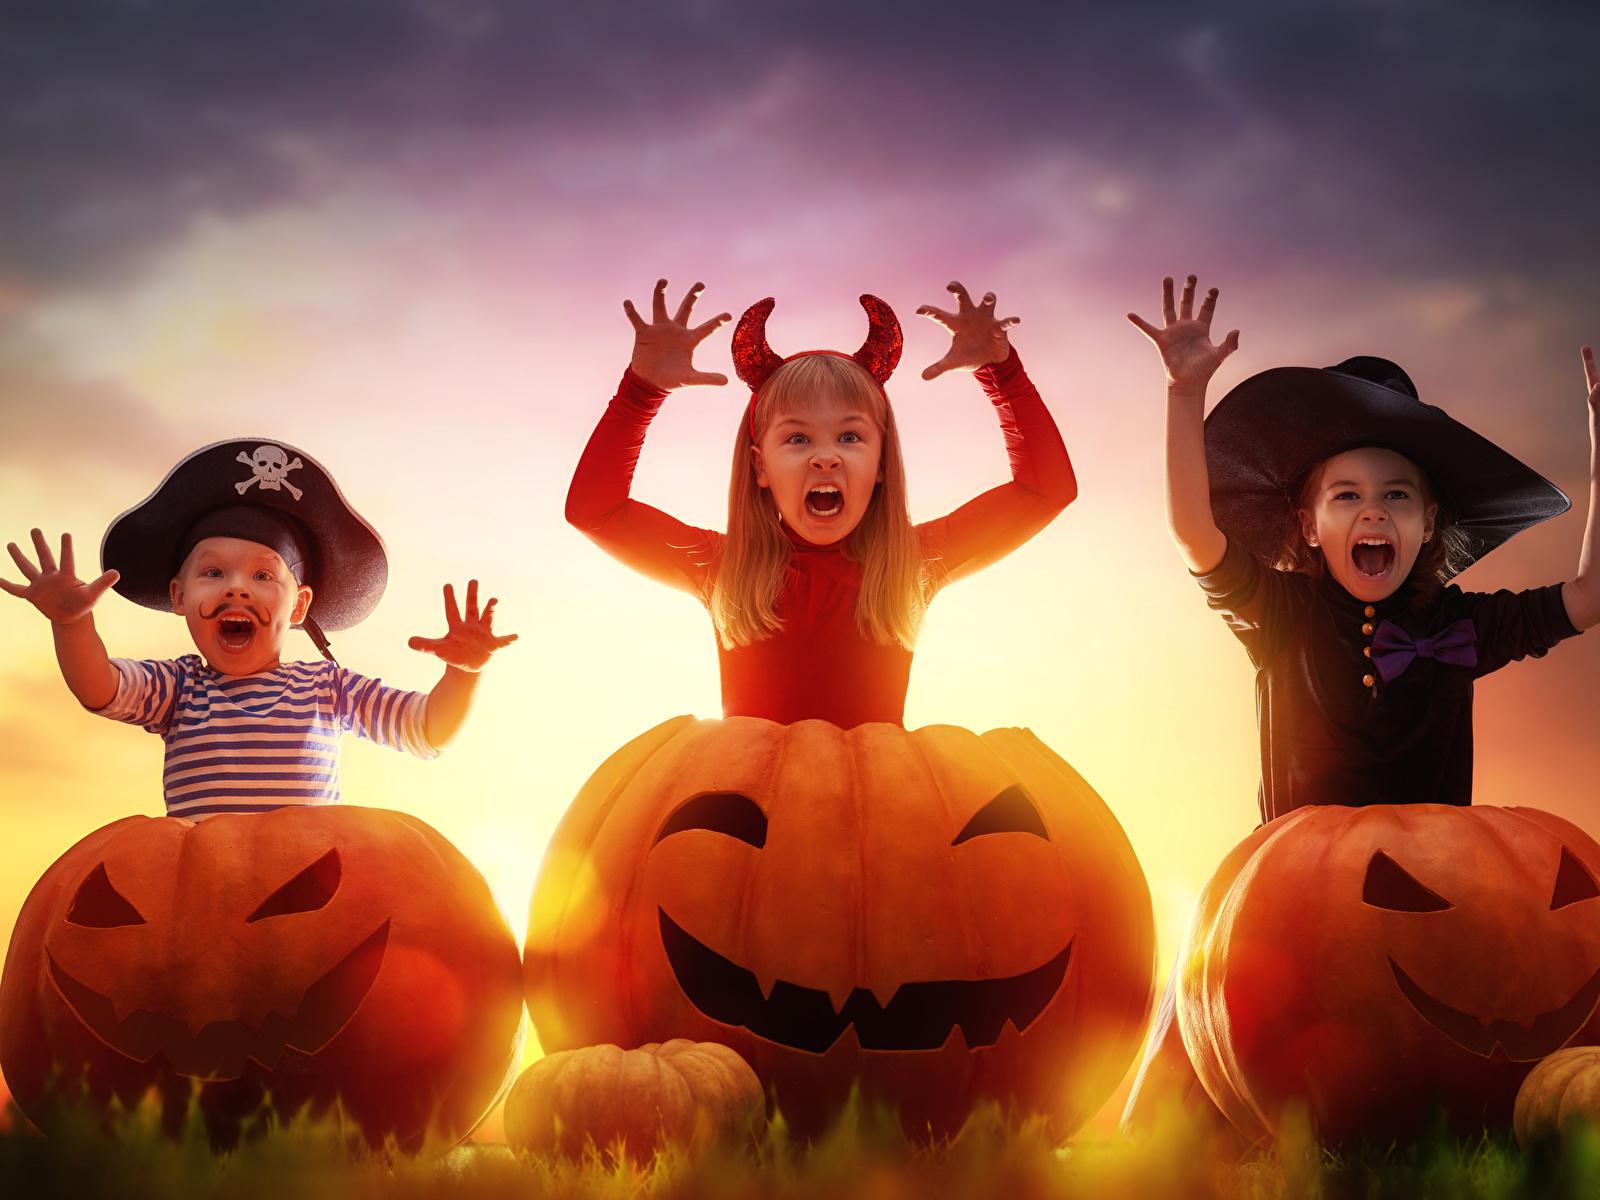 Фото Девочки мальчик Дети Шляпа Тыква Хеллоуин втроем 1600x1200 девочка Мальчики мальчишки мальчишка ребёнок шляпе шляпы три Трое 3